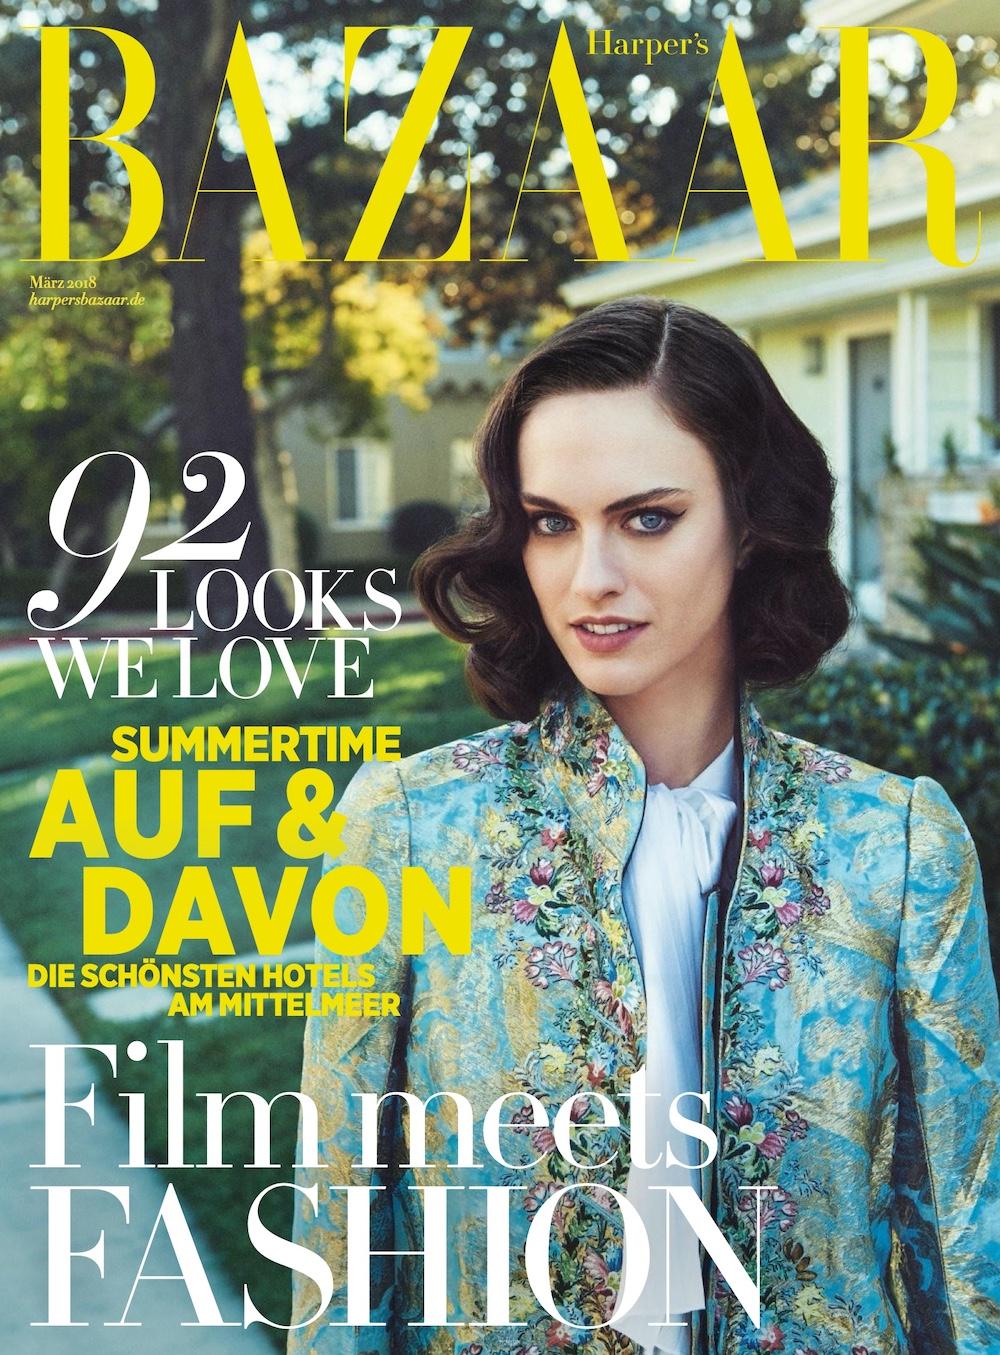 Harper's Bazaar 2018-03